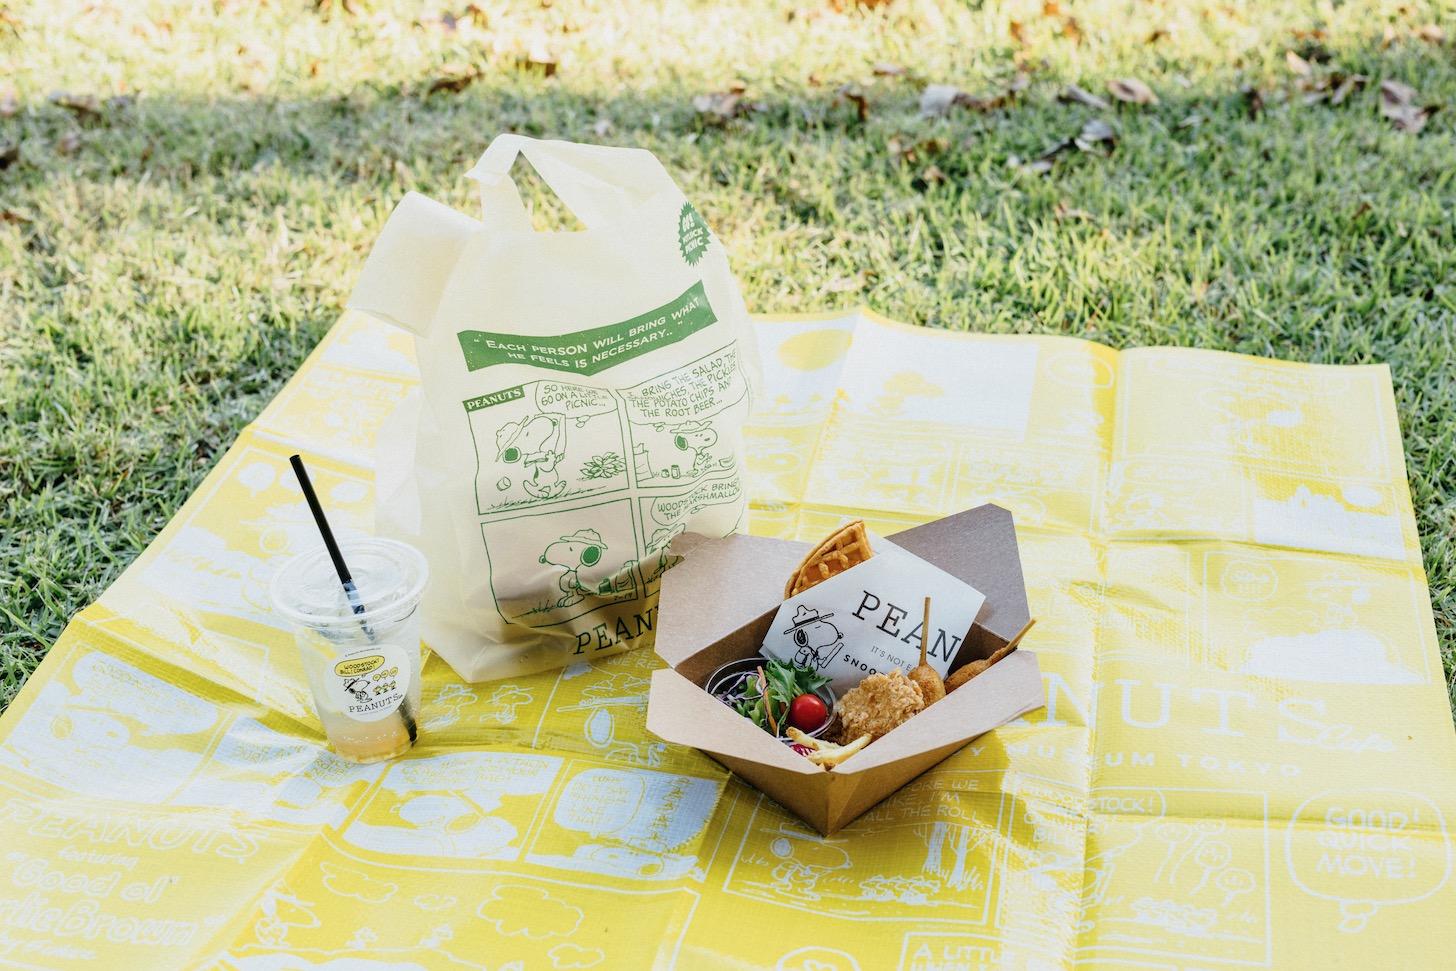 ミュージアム隣接PEANUTS Cafe(ピーナッツカフェ)で提供されるピクニックボックス(2名分)